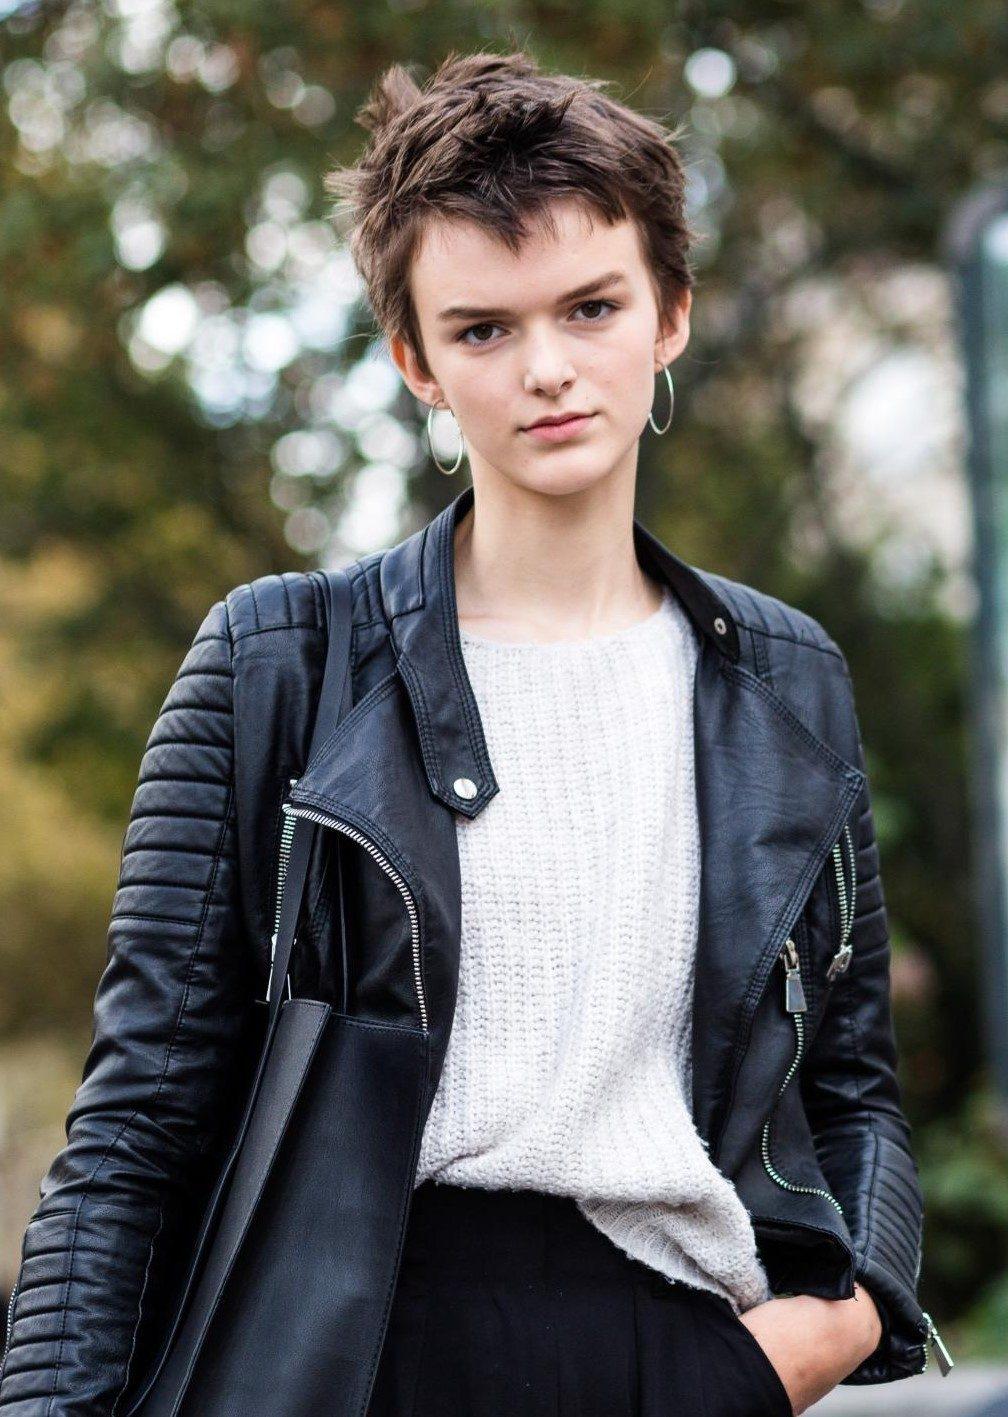 Femme aux cheveux coupés : photo de rue d'une femme aux cheveux bruns texturés coupés, portant un haut blanc et une veste en cuir noir